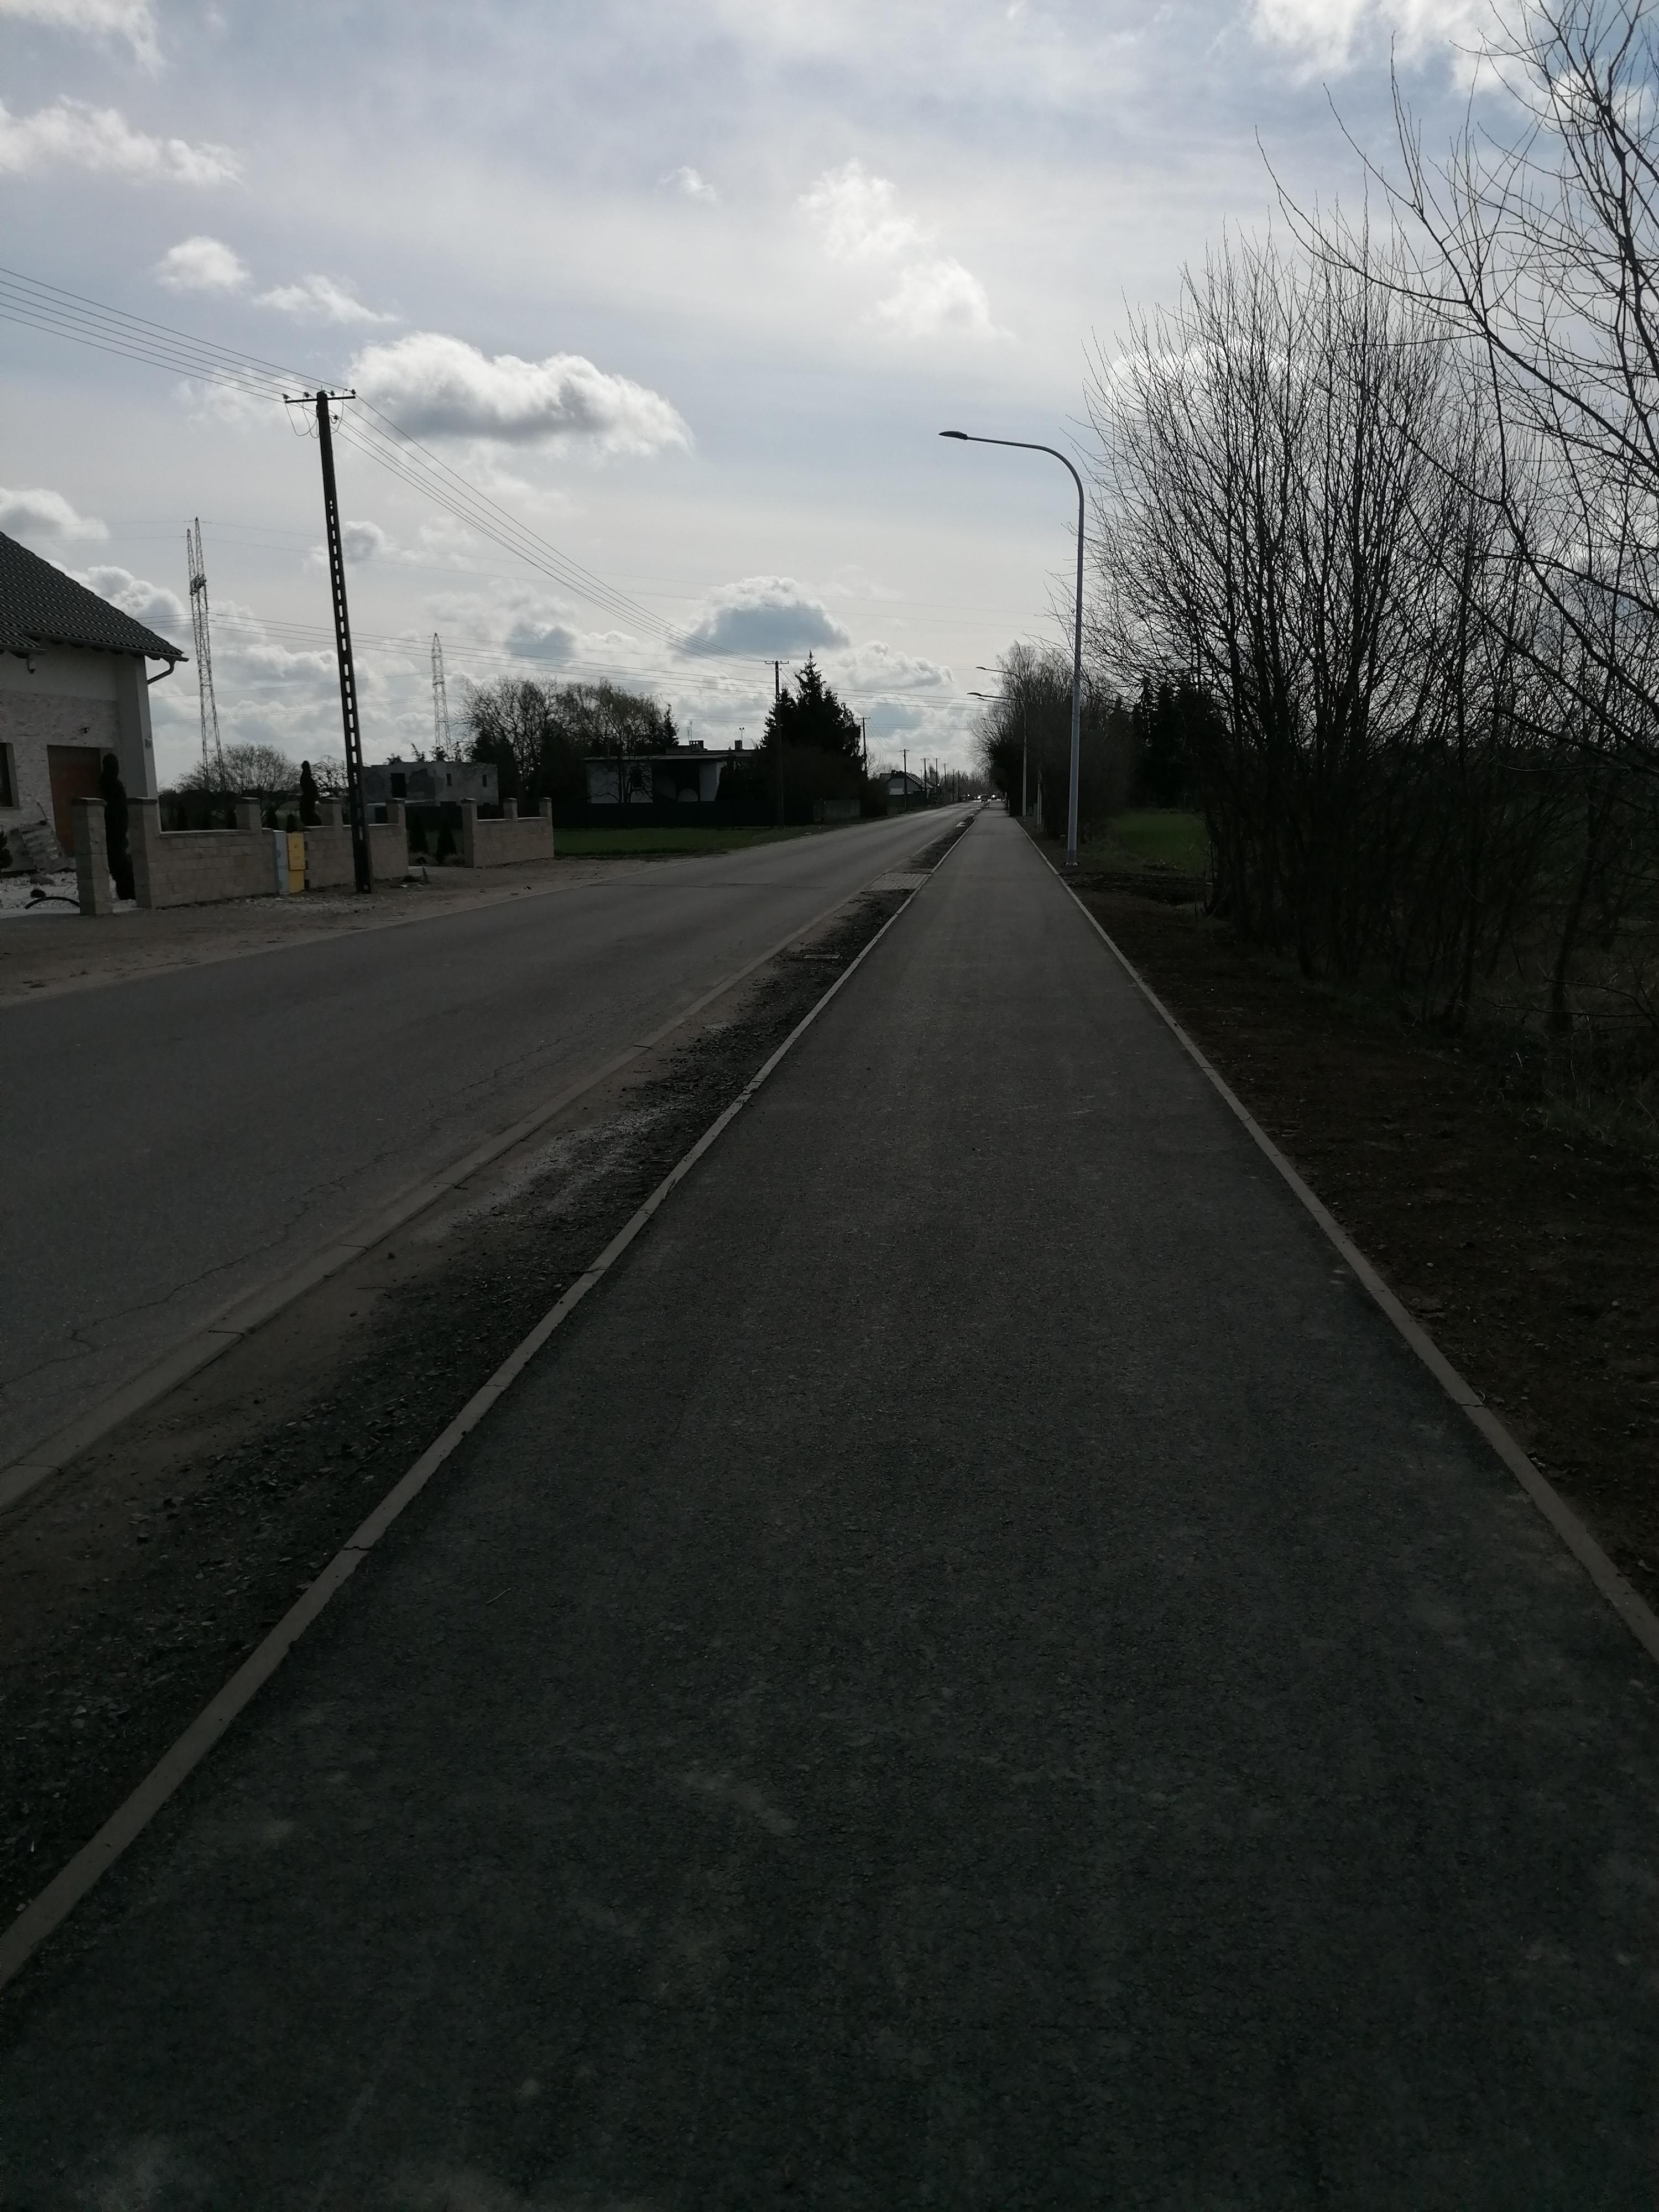 Na zdjęciu ul. Poznańska w Kiekrzu w trakcie budowy. Po lewej stronie droga asfaltowa, po prawej chodnik oddzielone pasem ze studzienkami kanalizacyjnymi. Po prawej drzewa, po lewej budynki.